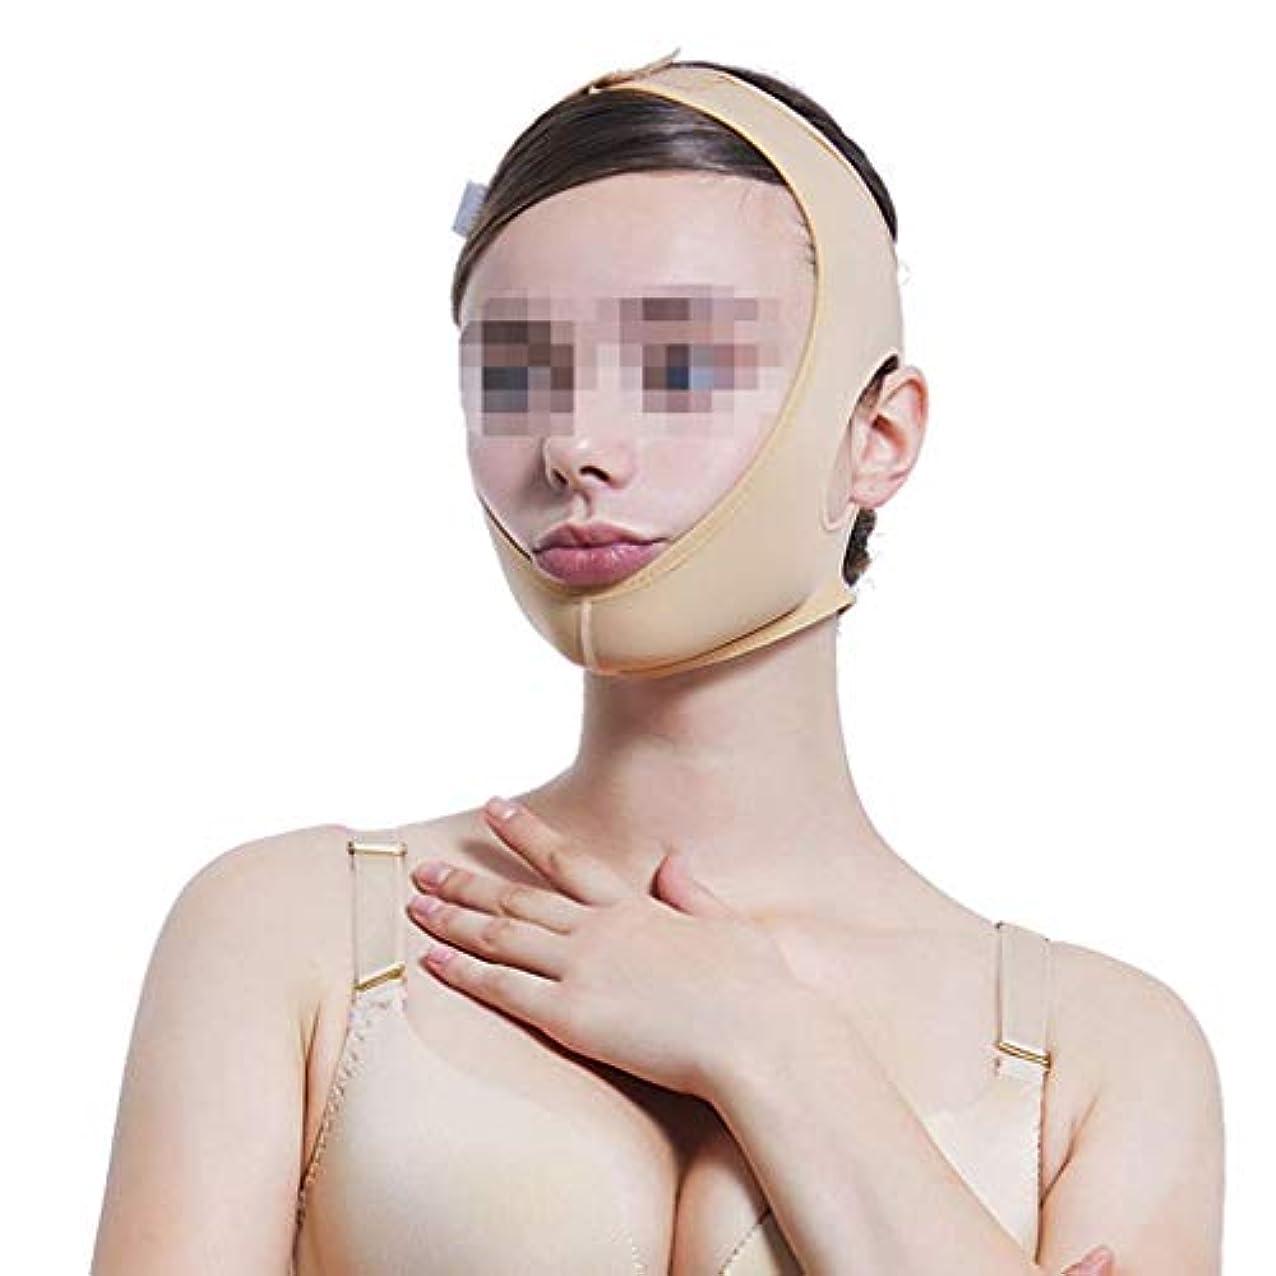 受け入れレジデンスダイエットビームフェイス弾性ヘッドギア、ダブルあごのあごのセットをマスクの後に線彫り薄いフェイス包帯マルチサイズオプション(サイズ:XS),XS